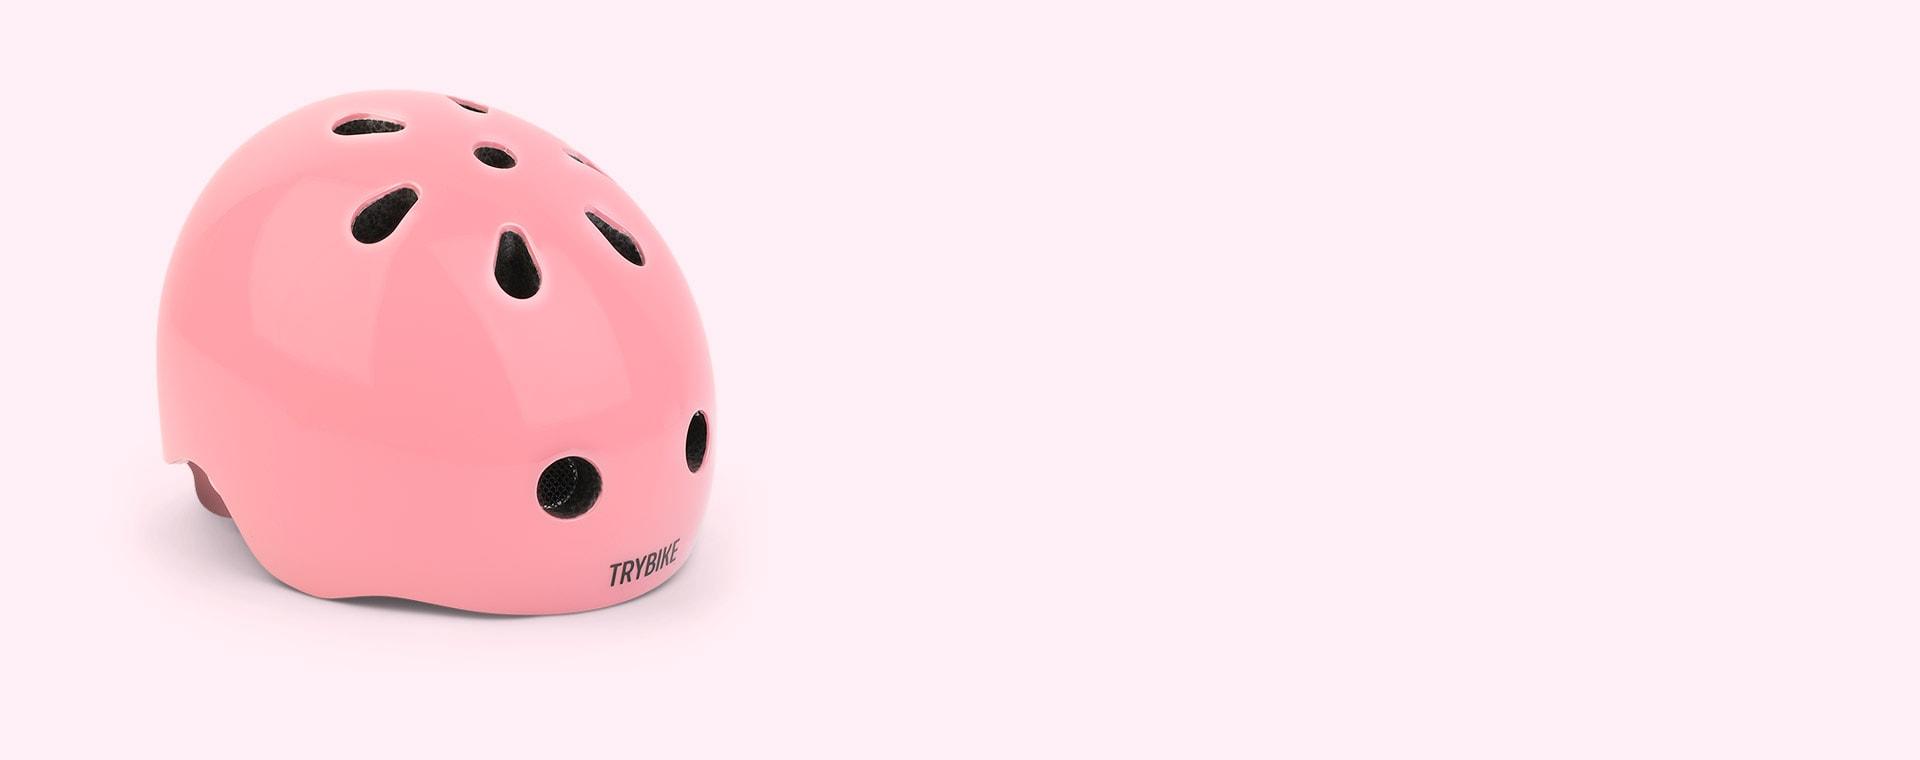 Vintage Pink CoConuts Helmet